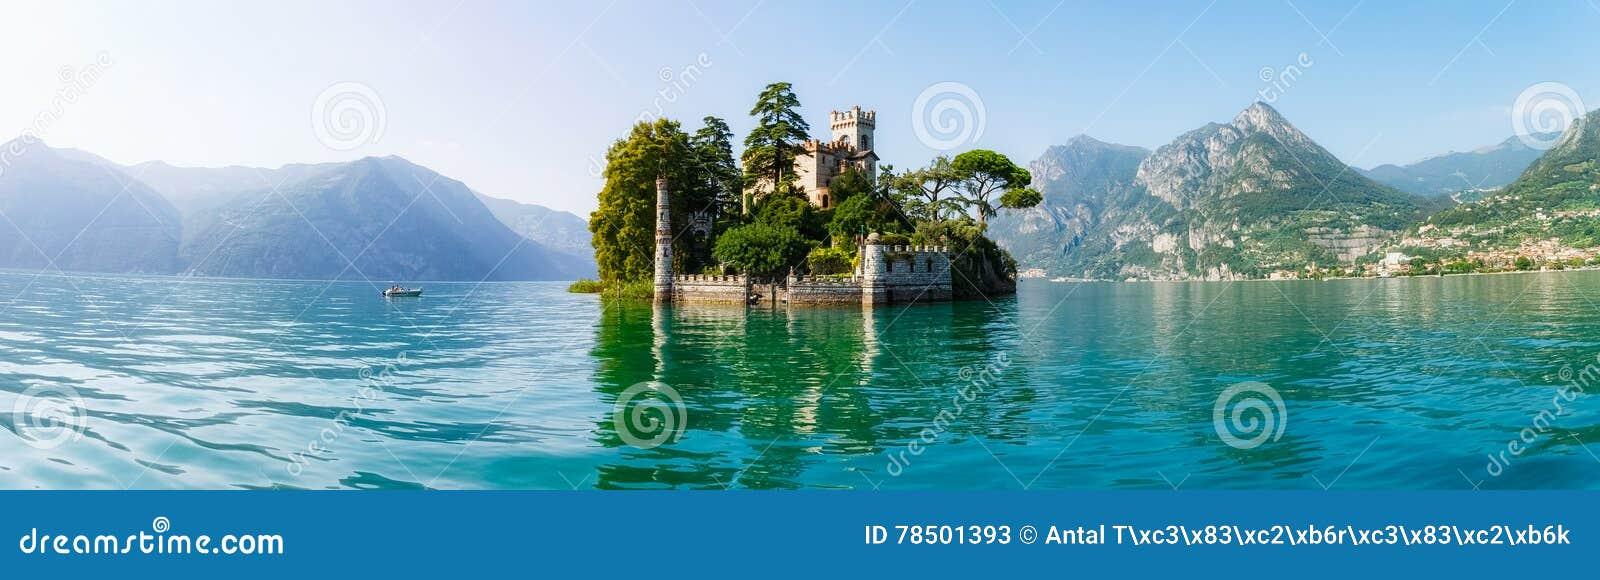 Isola di Loreto in Italia